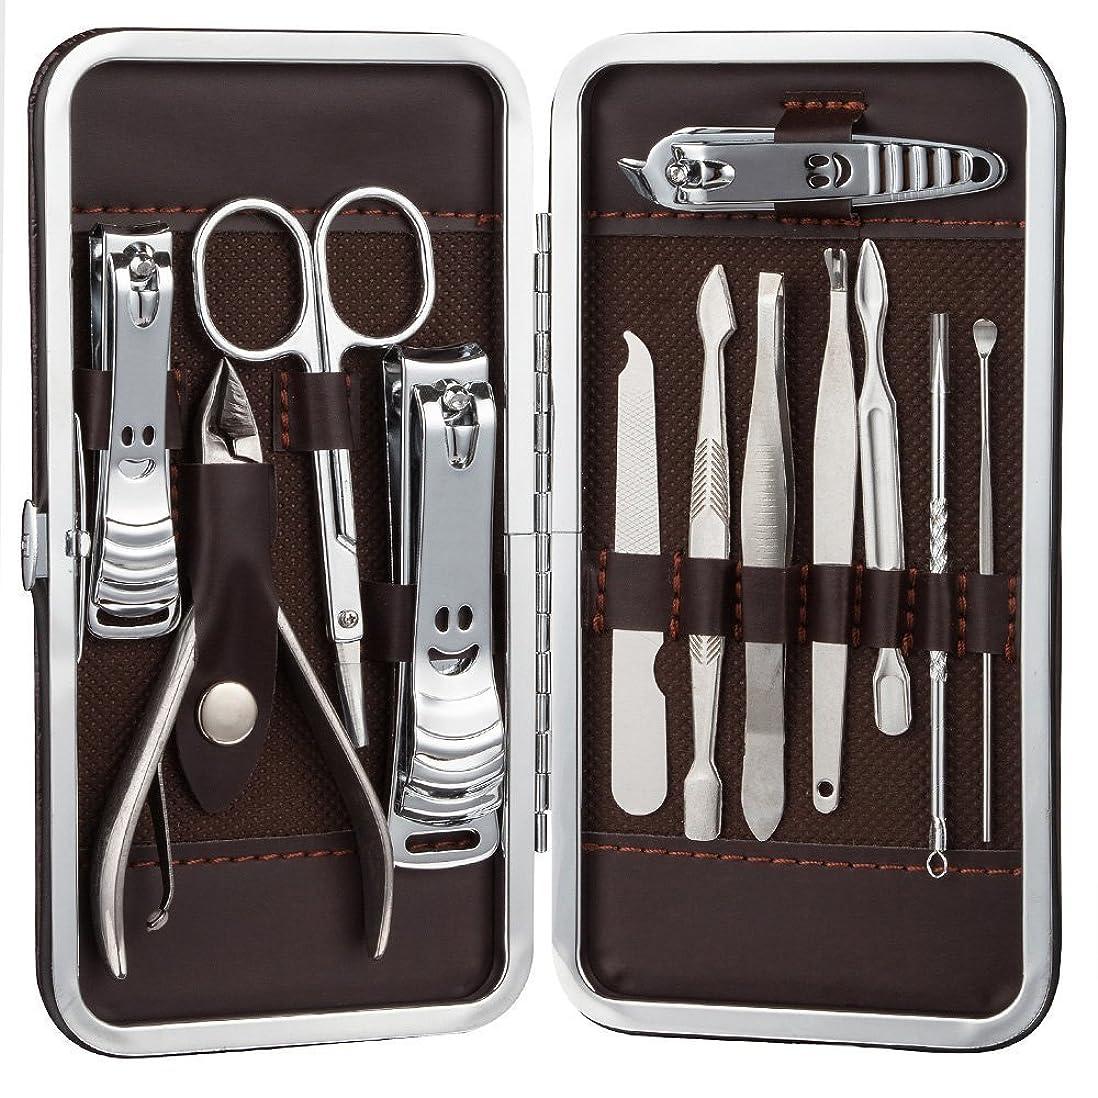 電報時刻表スープSTARTRIP ネイルはさみネイルクリッパートラベルセット、プロフェッショナルステンレスネイルケアセットベビーセーフネイルクリッパーパーソナルマニキュアセットペディキュアセットは、男性と女性のための指、手足で使用爪切り